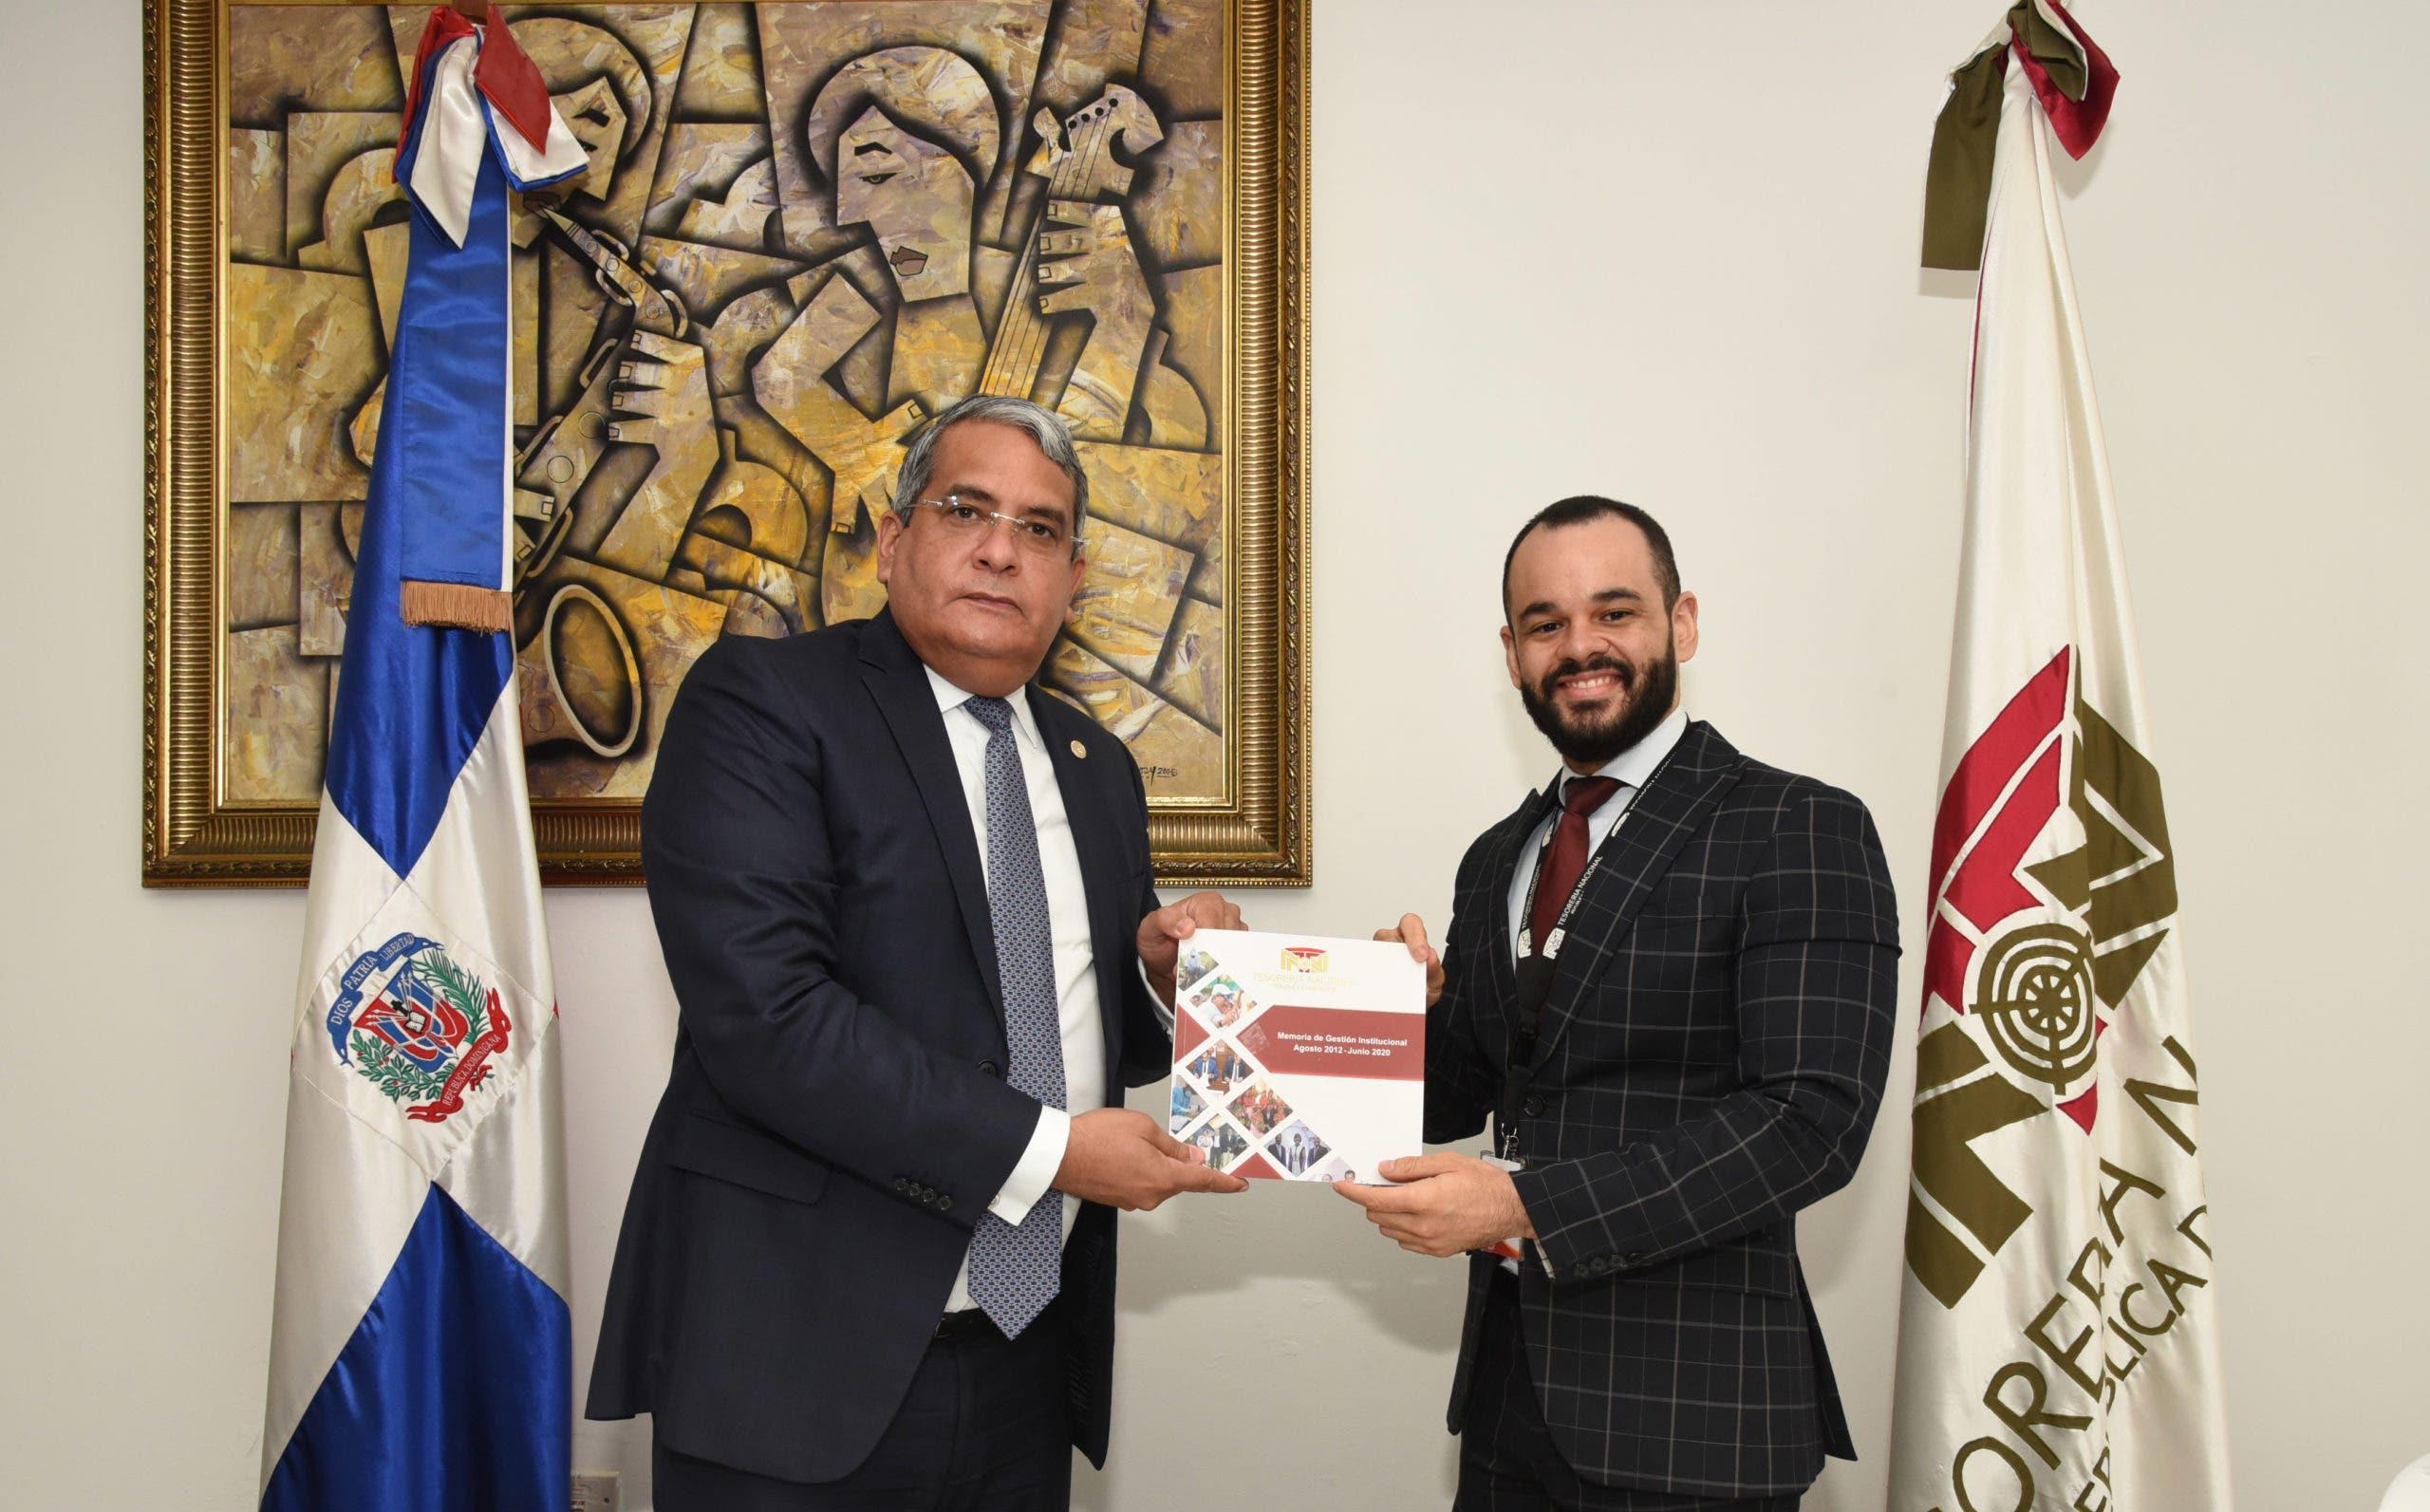 Tesorero Nacional resalta logros institucionales en memoria de gestión 2012-2020